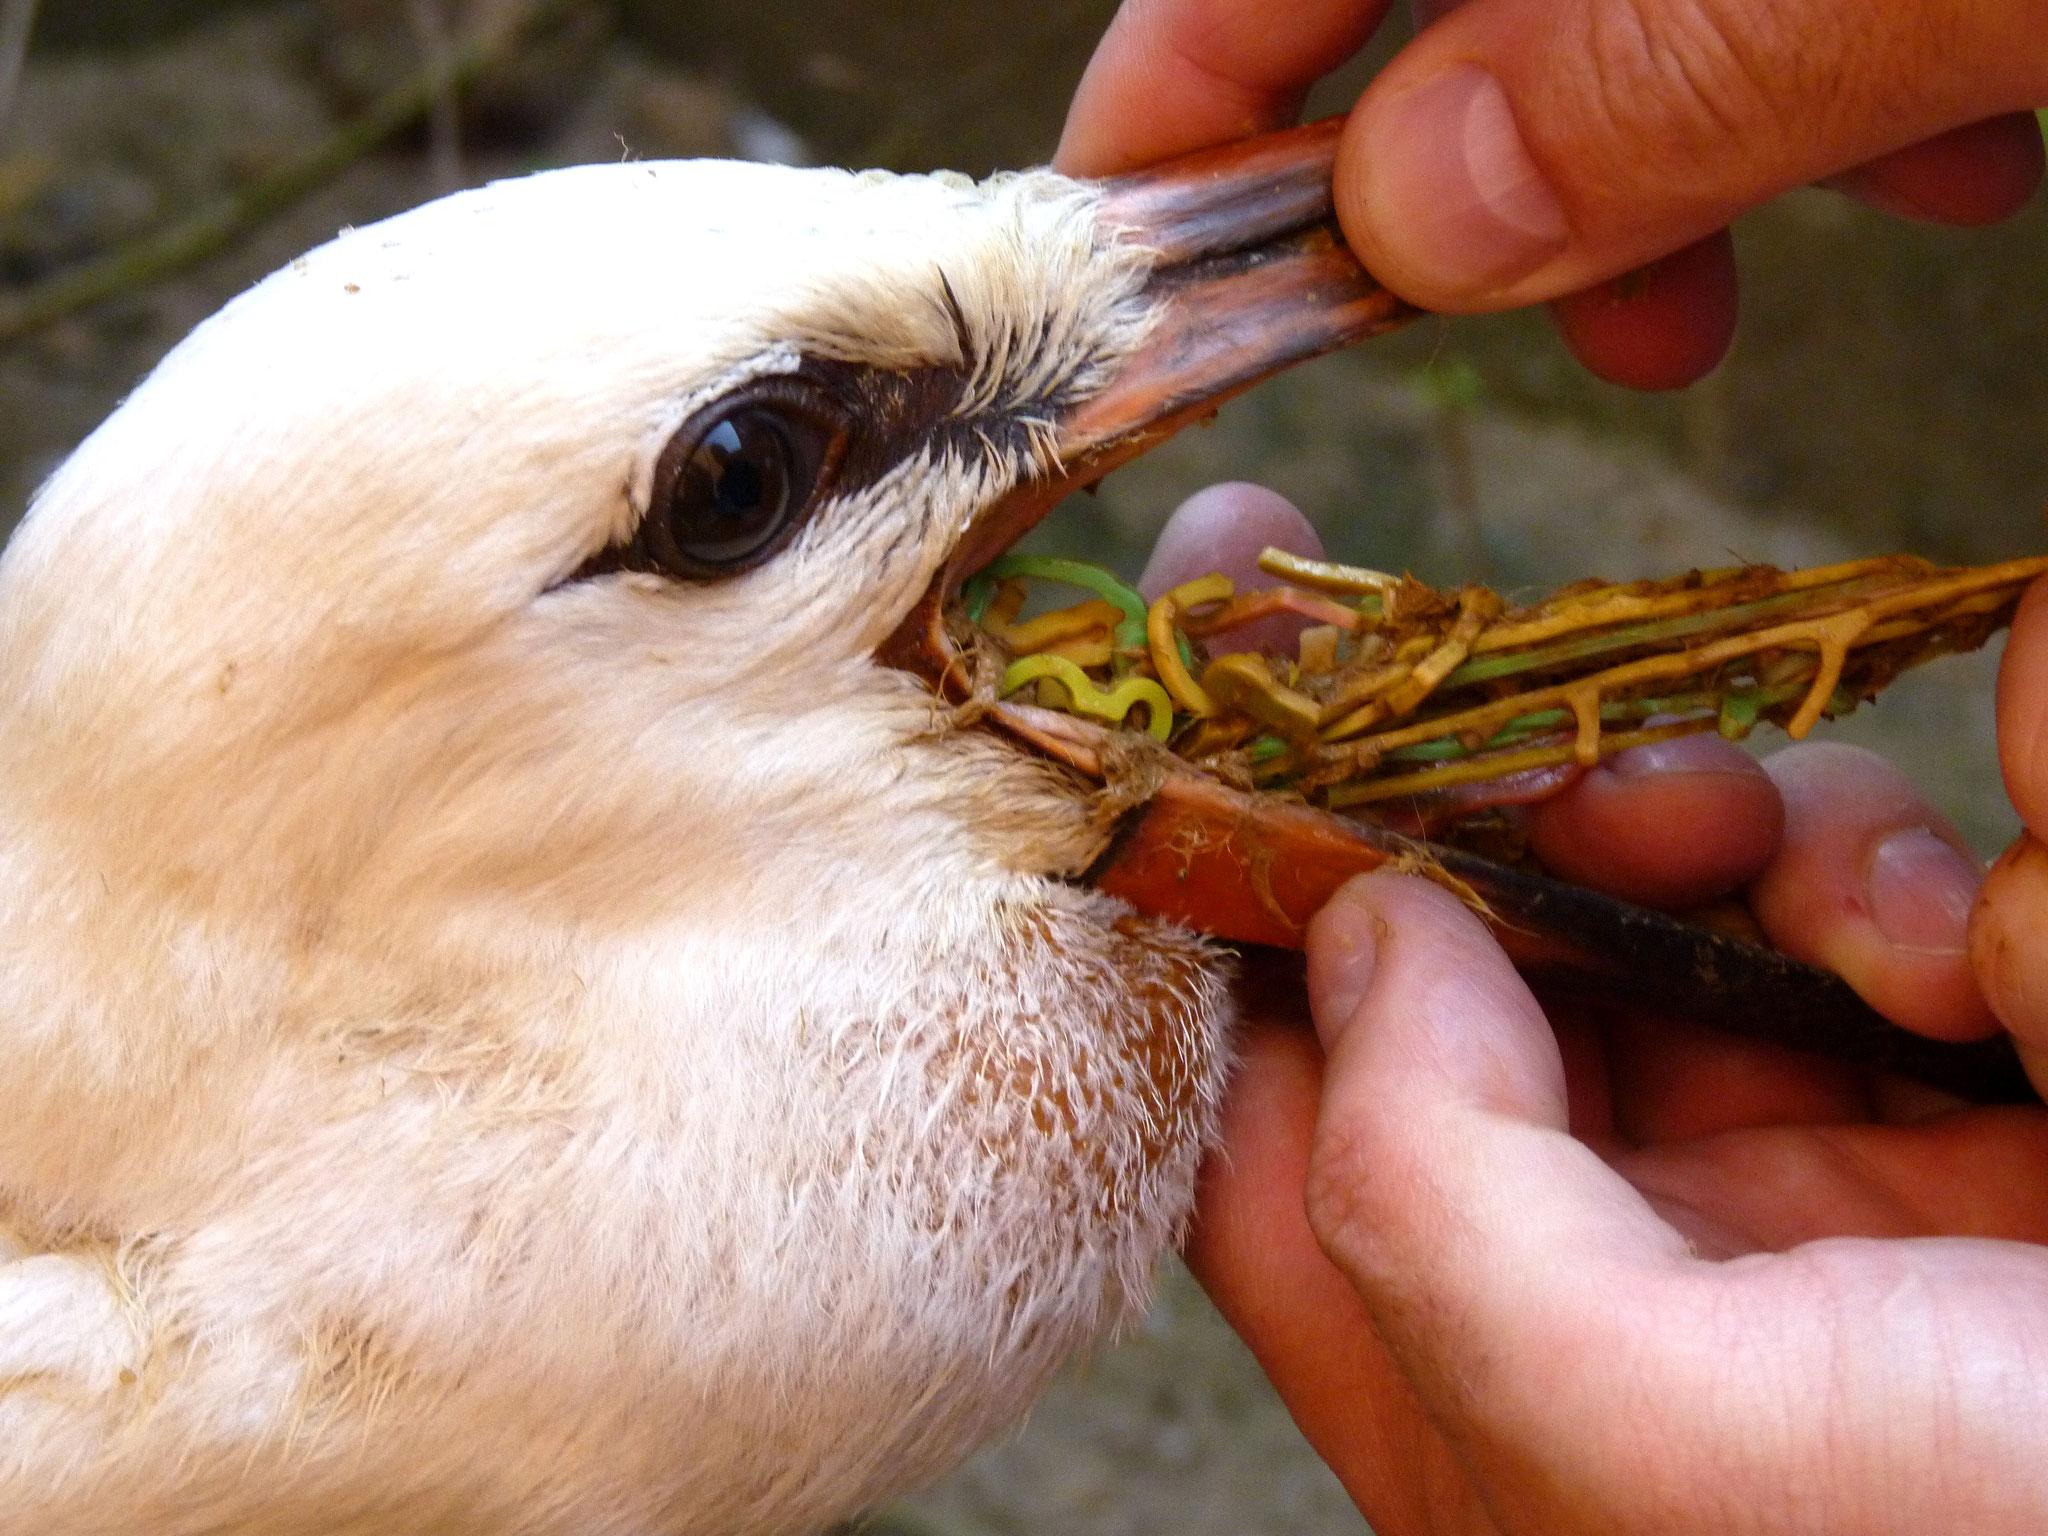 Dieser Storch hatte hunderte Gummibänder verschluckt, die er scheinbar mit Würmern verwechelt hat